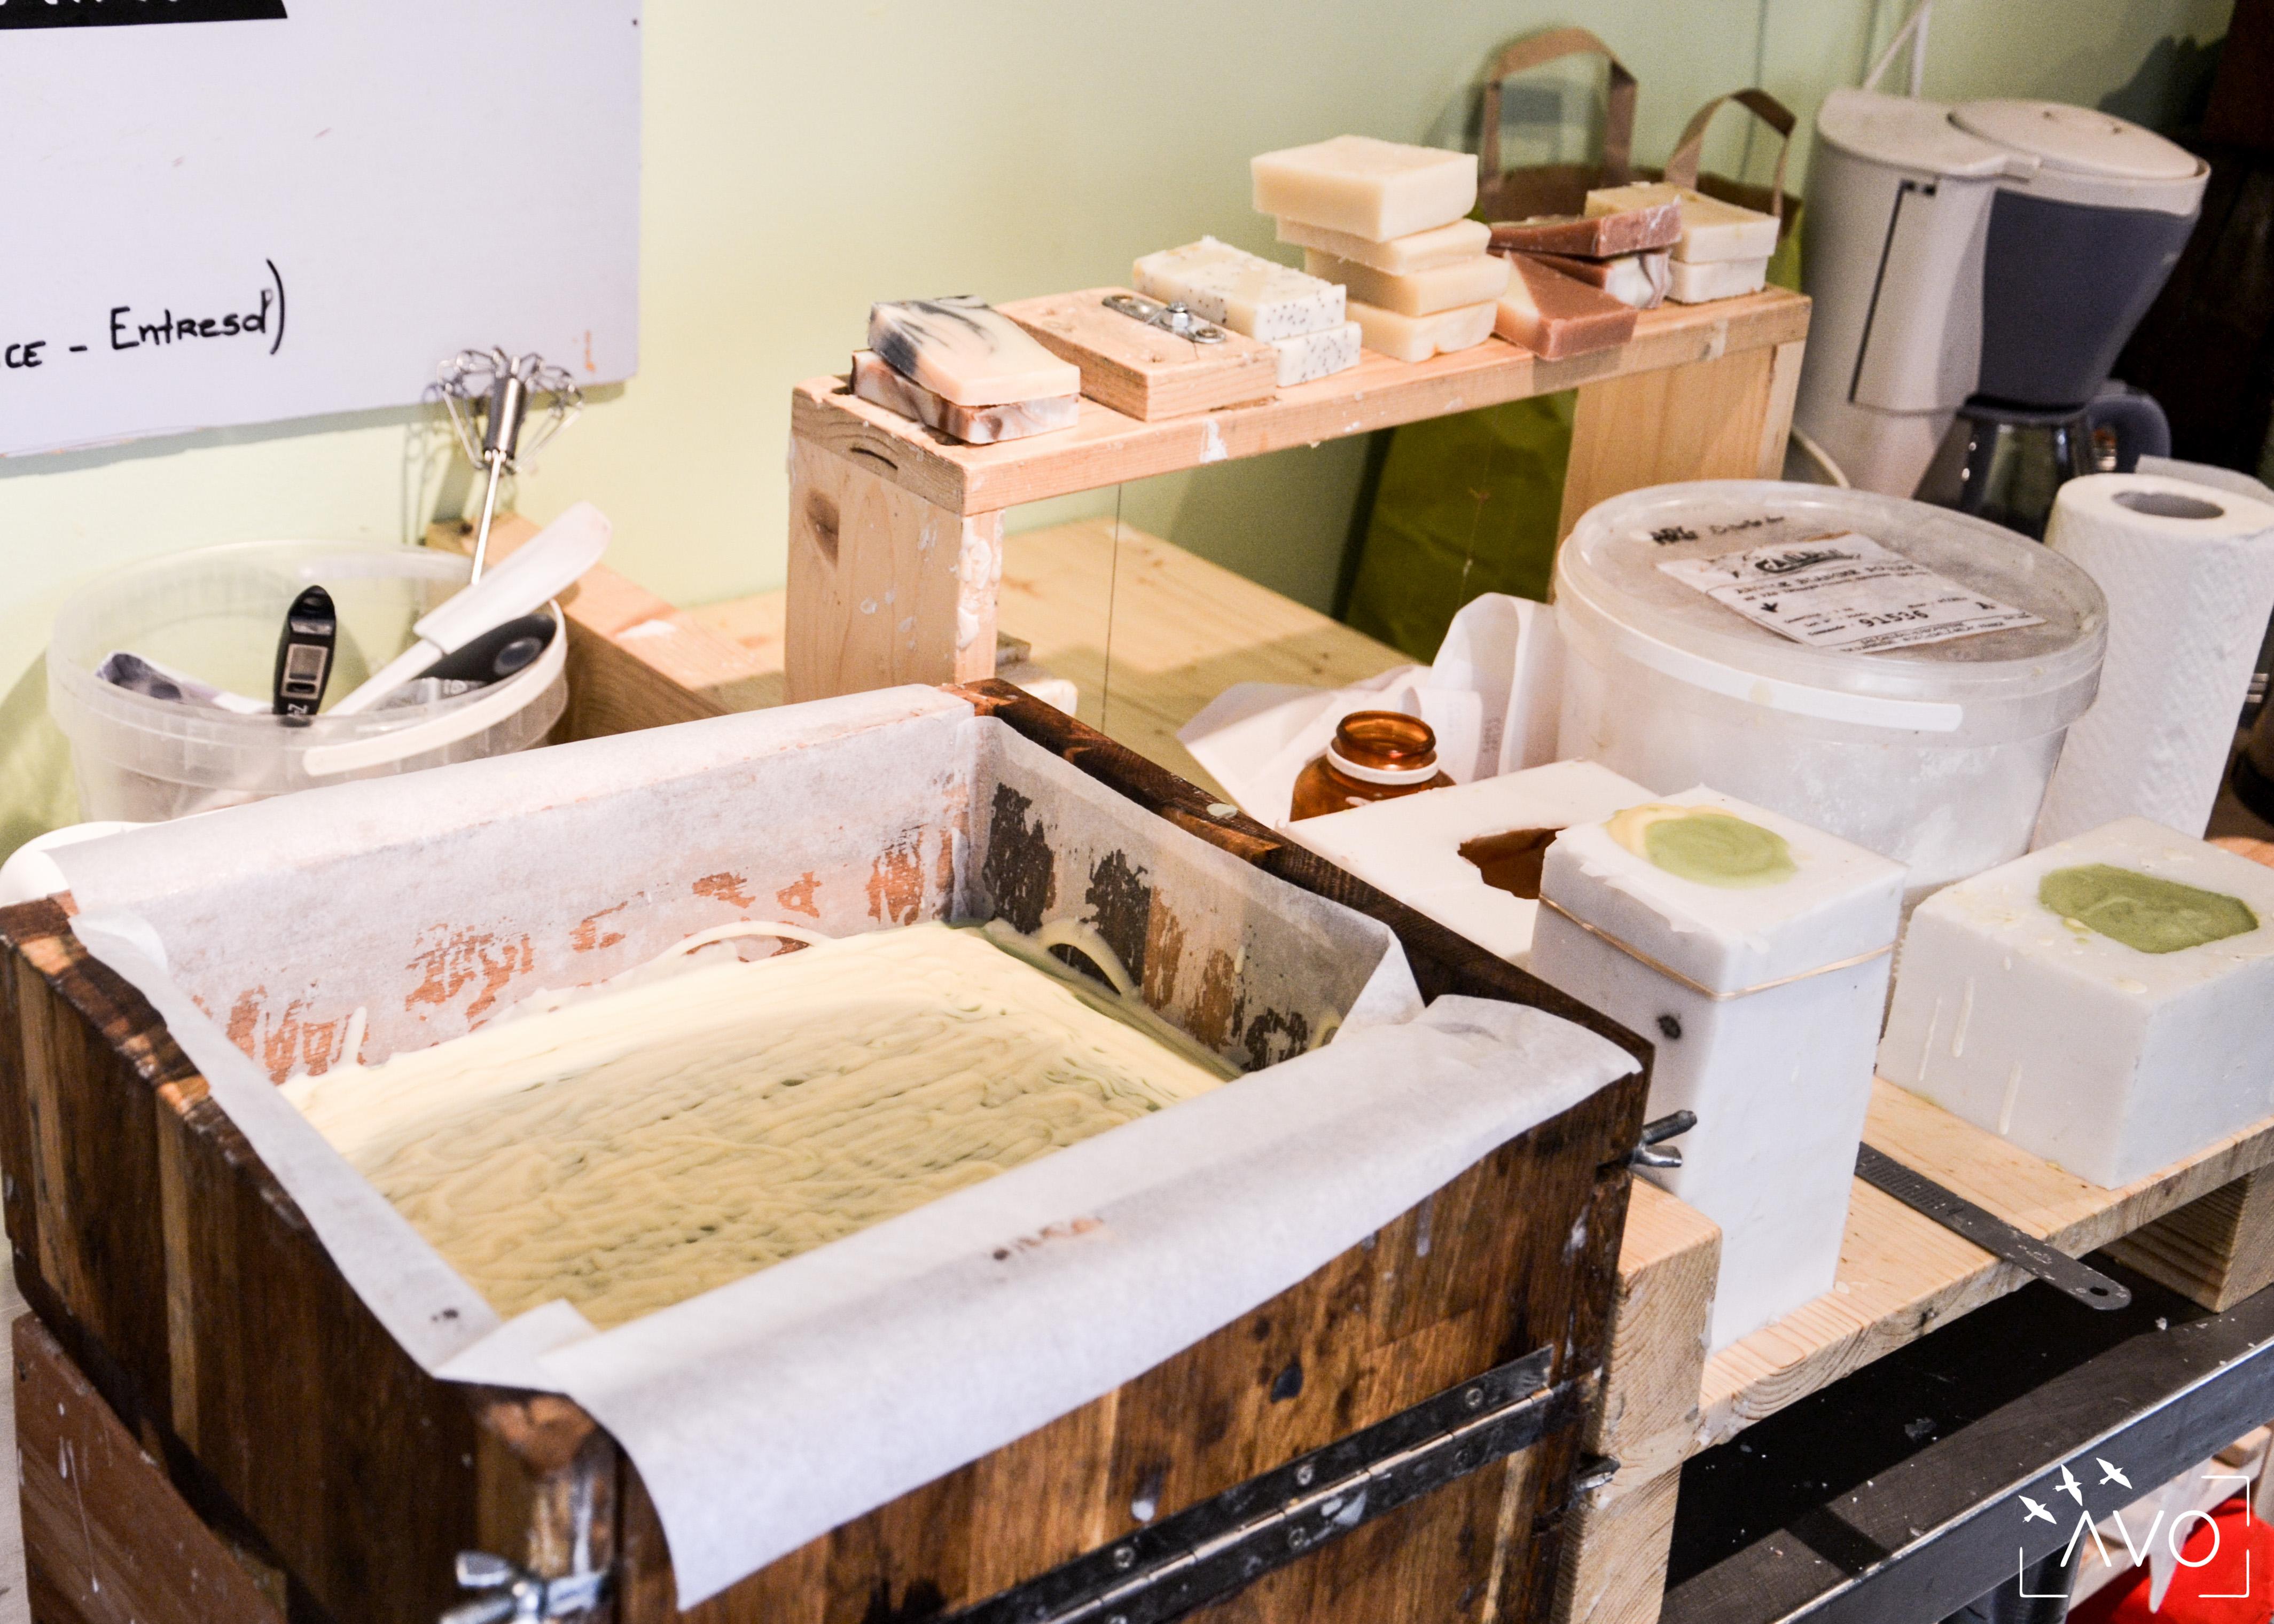 savons naturels avo ecologie savon cosmétique naturel carnets de savon atelier savonnière 2